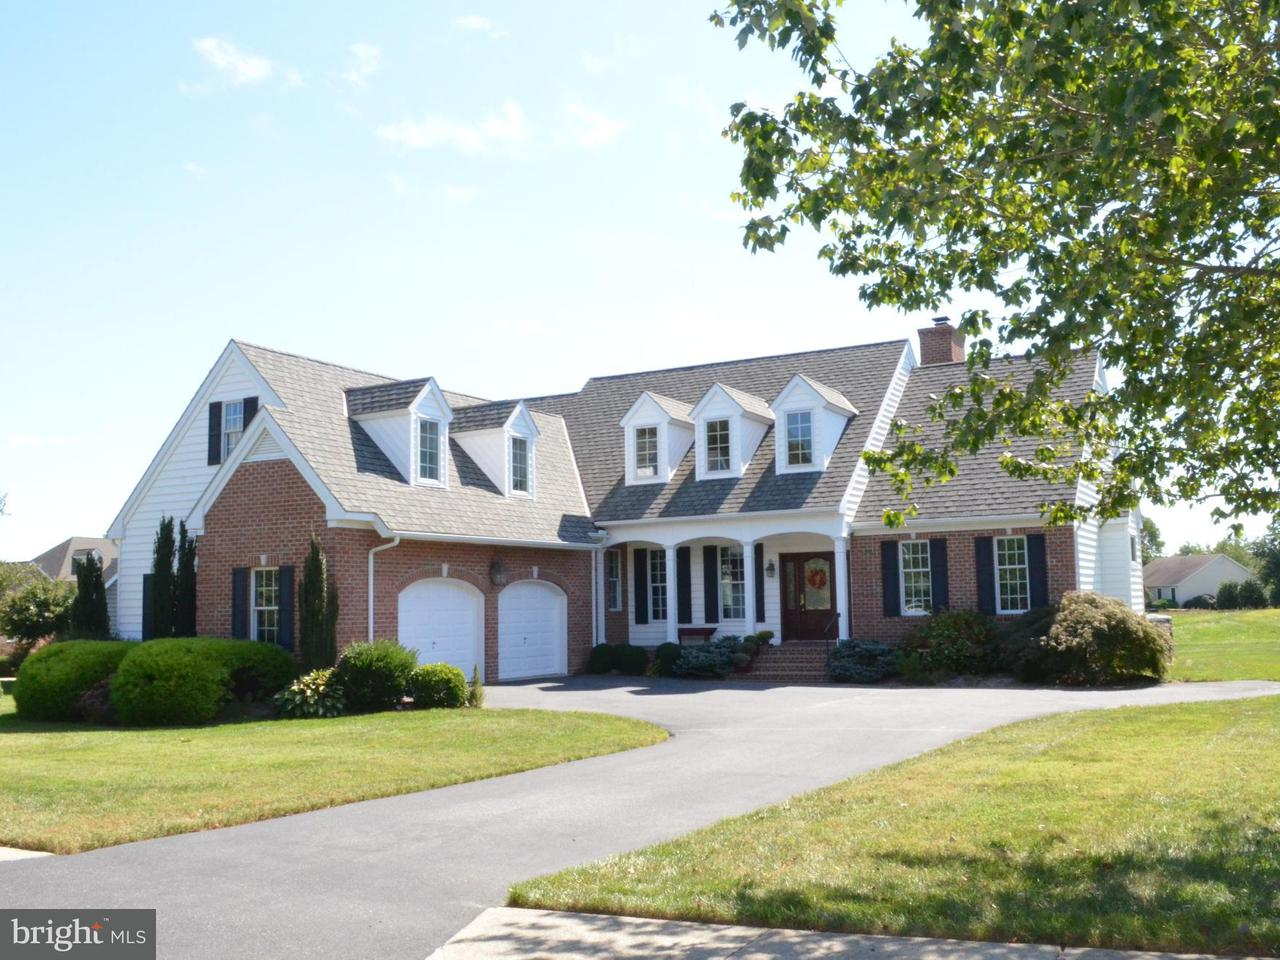 Maison unifamiliale pour l Vente à 28495 WATERVIEW Drive 28495 WATERVIEW Drive Easton, Maryland 21601 États-Unis